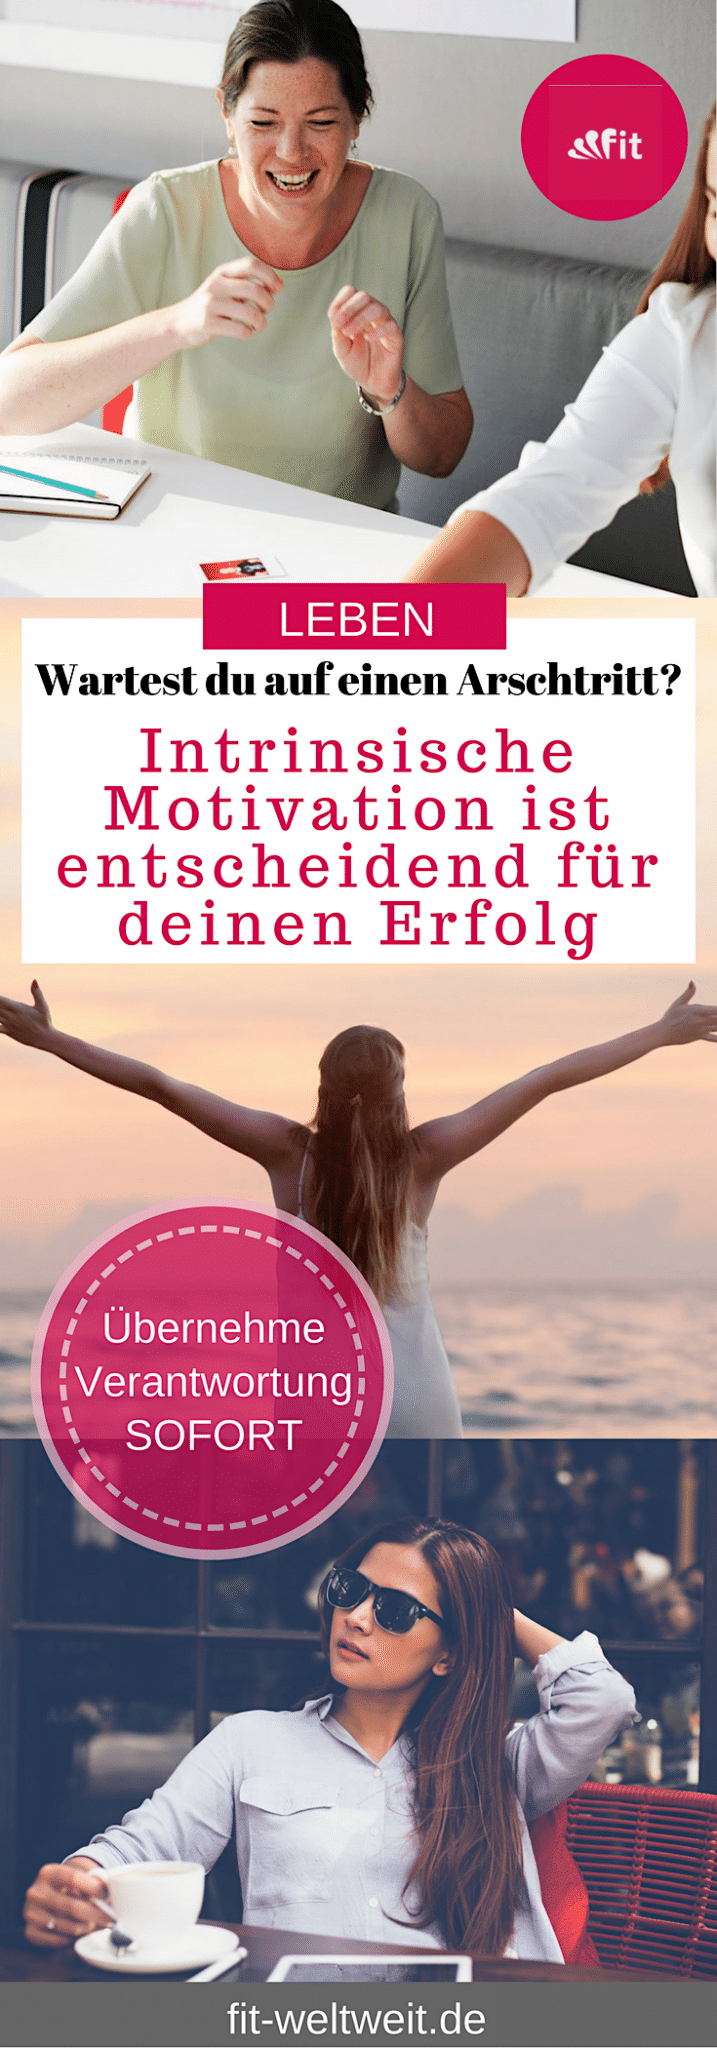 Heute mal was zum Thema intrinsische Motivation. Wie zum Henker sollen wir uns motivieren, wenn wir uns leer und lustlos fühlen? Ich kenne das Gefühl auch – allerdings kommt es tatsächlich eher selten vor. Wieso? Warum intrinsische Motivation entscheidend für deinen Erfolg ist.Selbstmotivation; sich selbst motivieren; Motivation finden; praktische Selbstmotivation; sich motivieren; Motivation sabotieren; #intrinsische #Motivation; #extrinsische Motivation